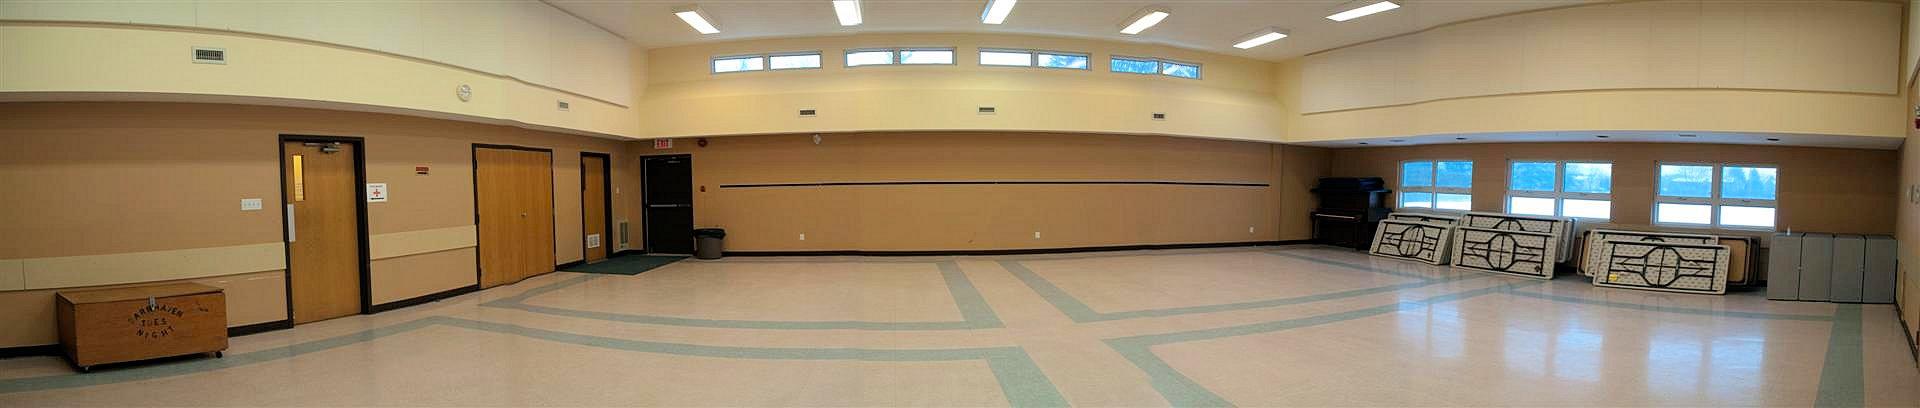 Gym/Church Hall